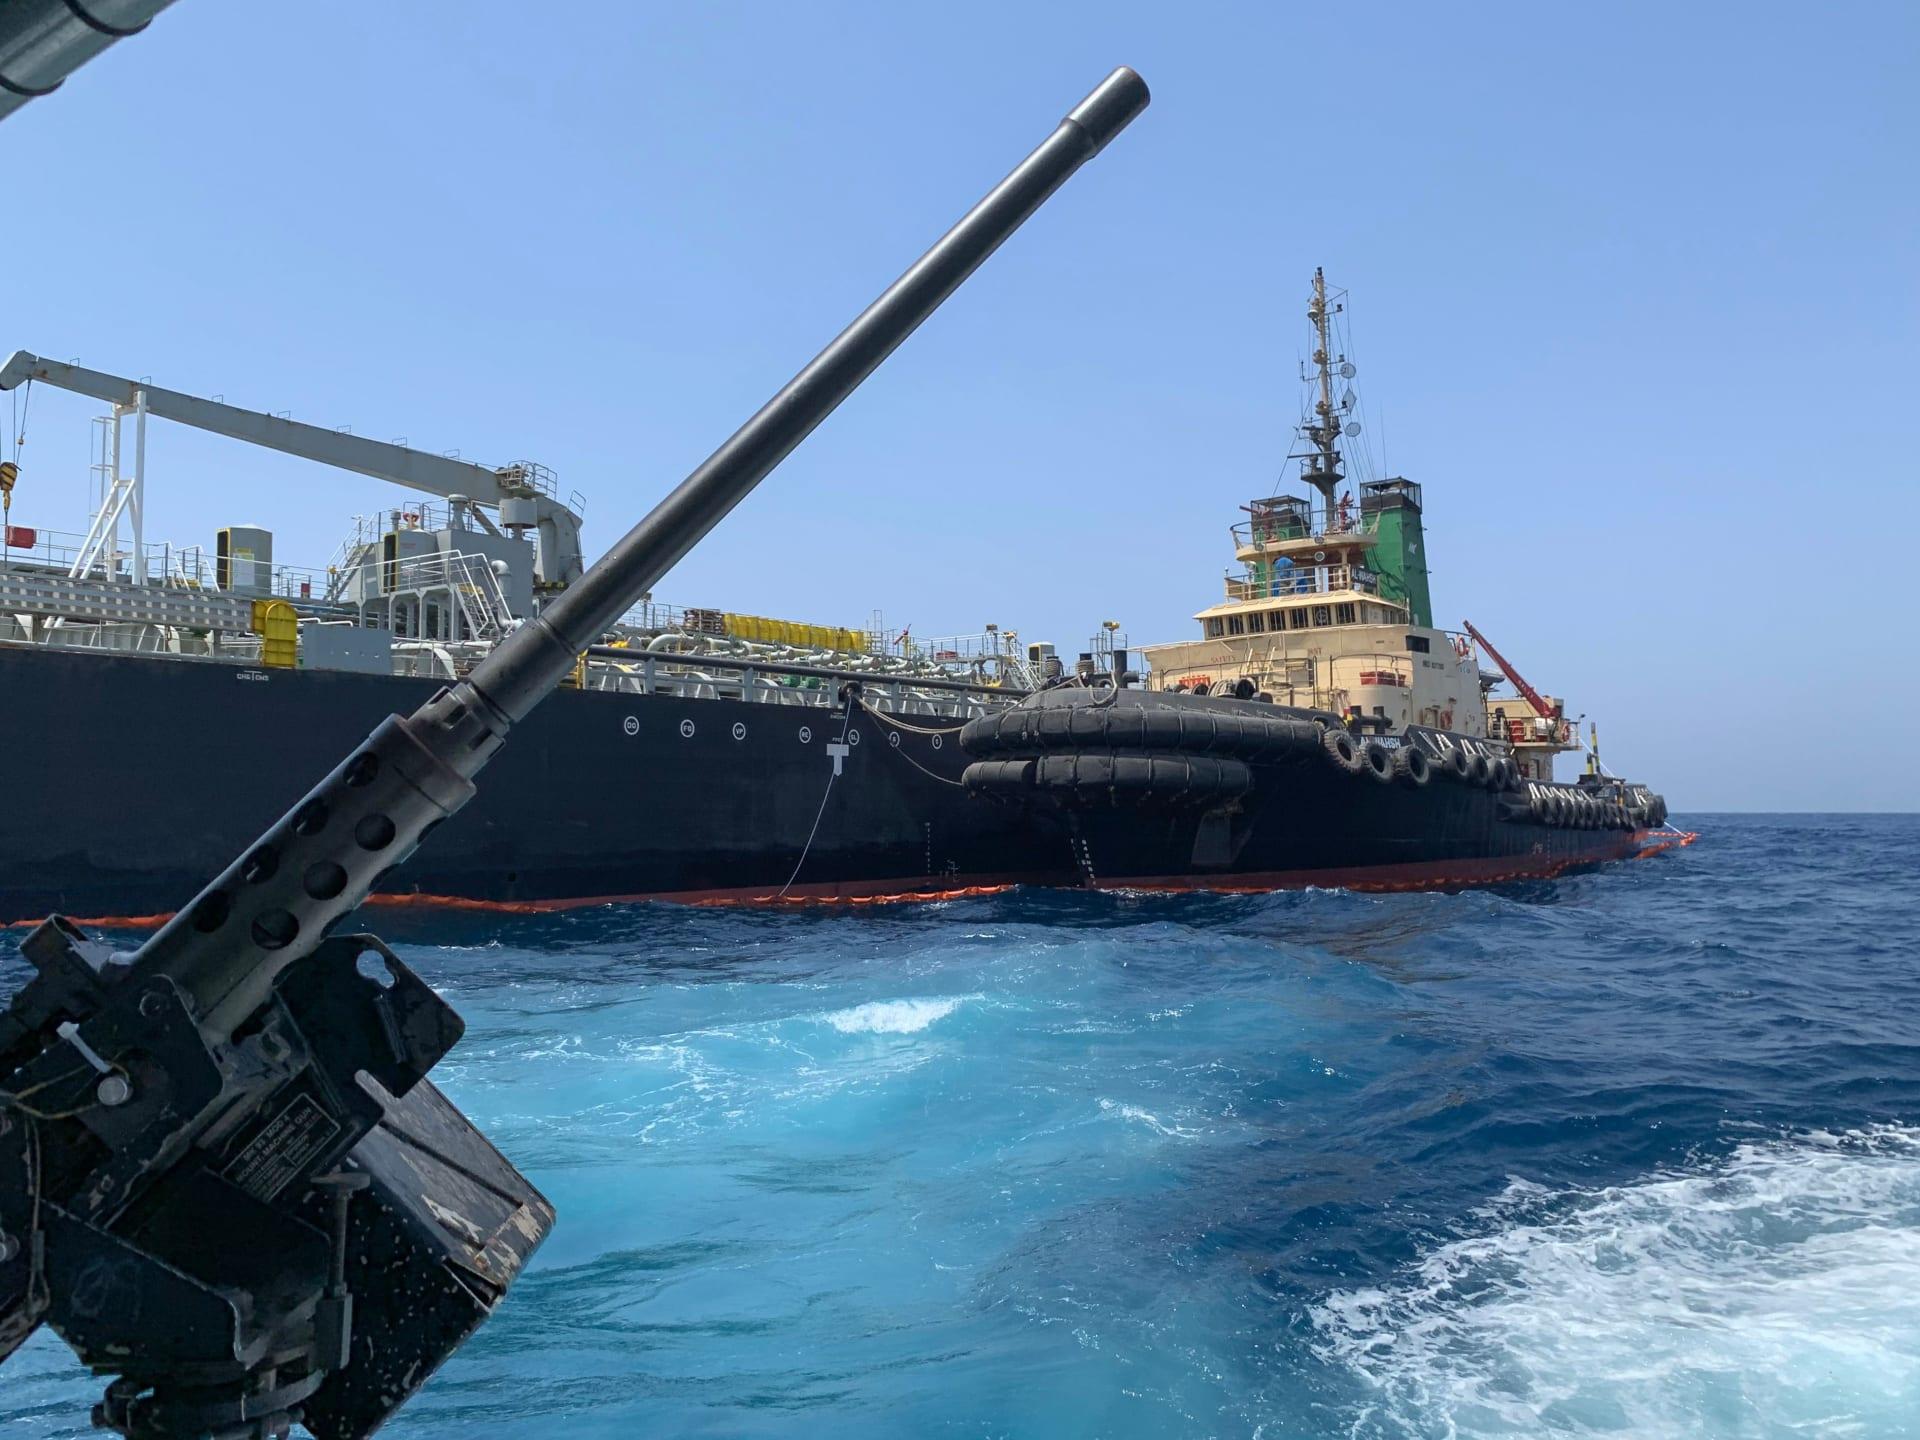 صورة التقطت خلال جولة إرشادية للبحرية الأمريكية تظهر ناقلة النفط اليابانية كوكوكا كاريدجس قبالة ميناء إمارة الفجيرة في الخليج في 19 يونيو 2019.